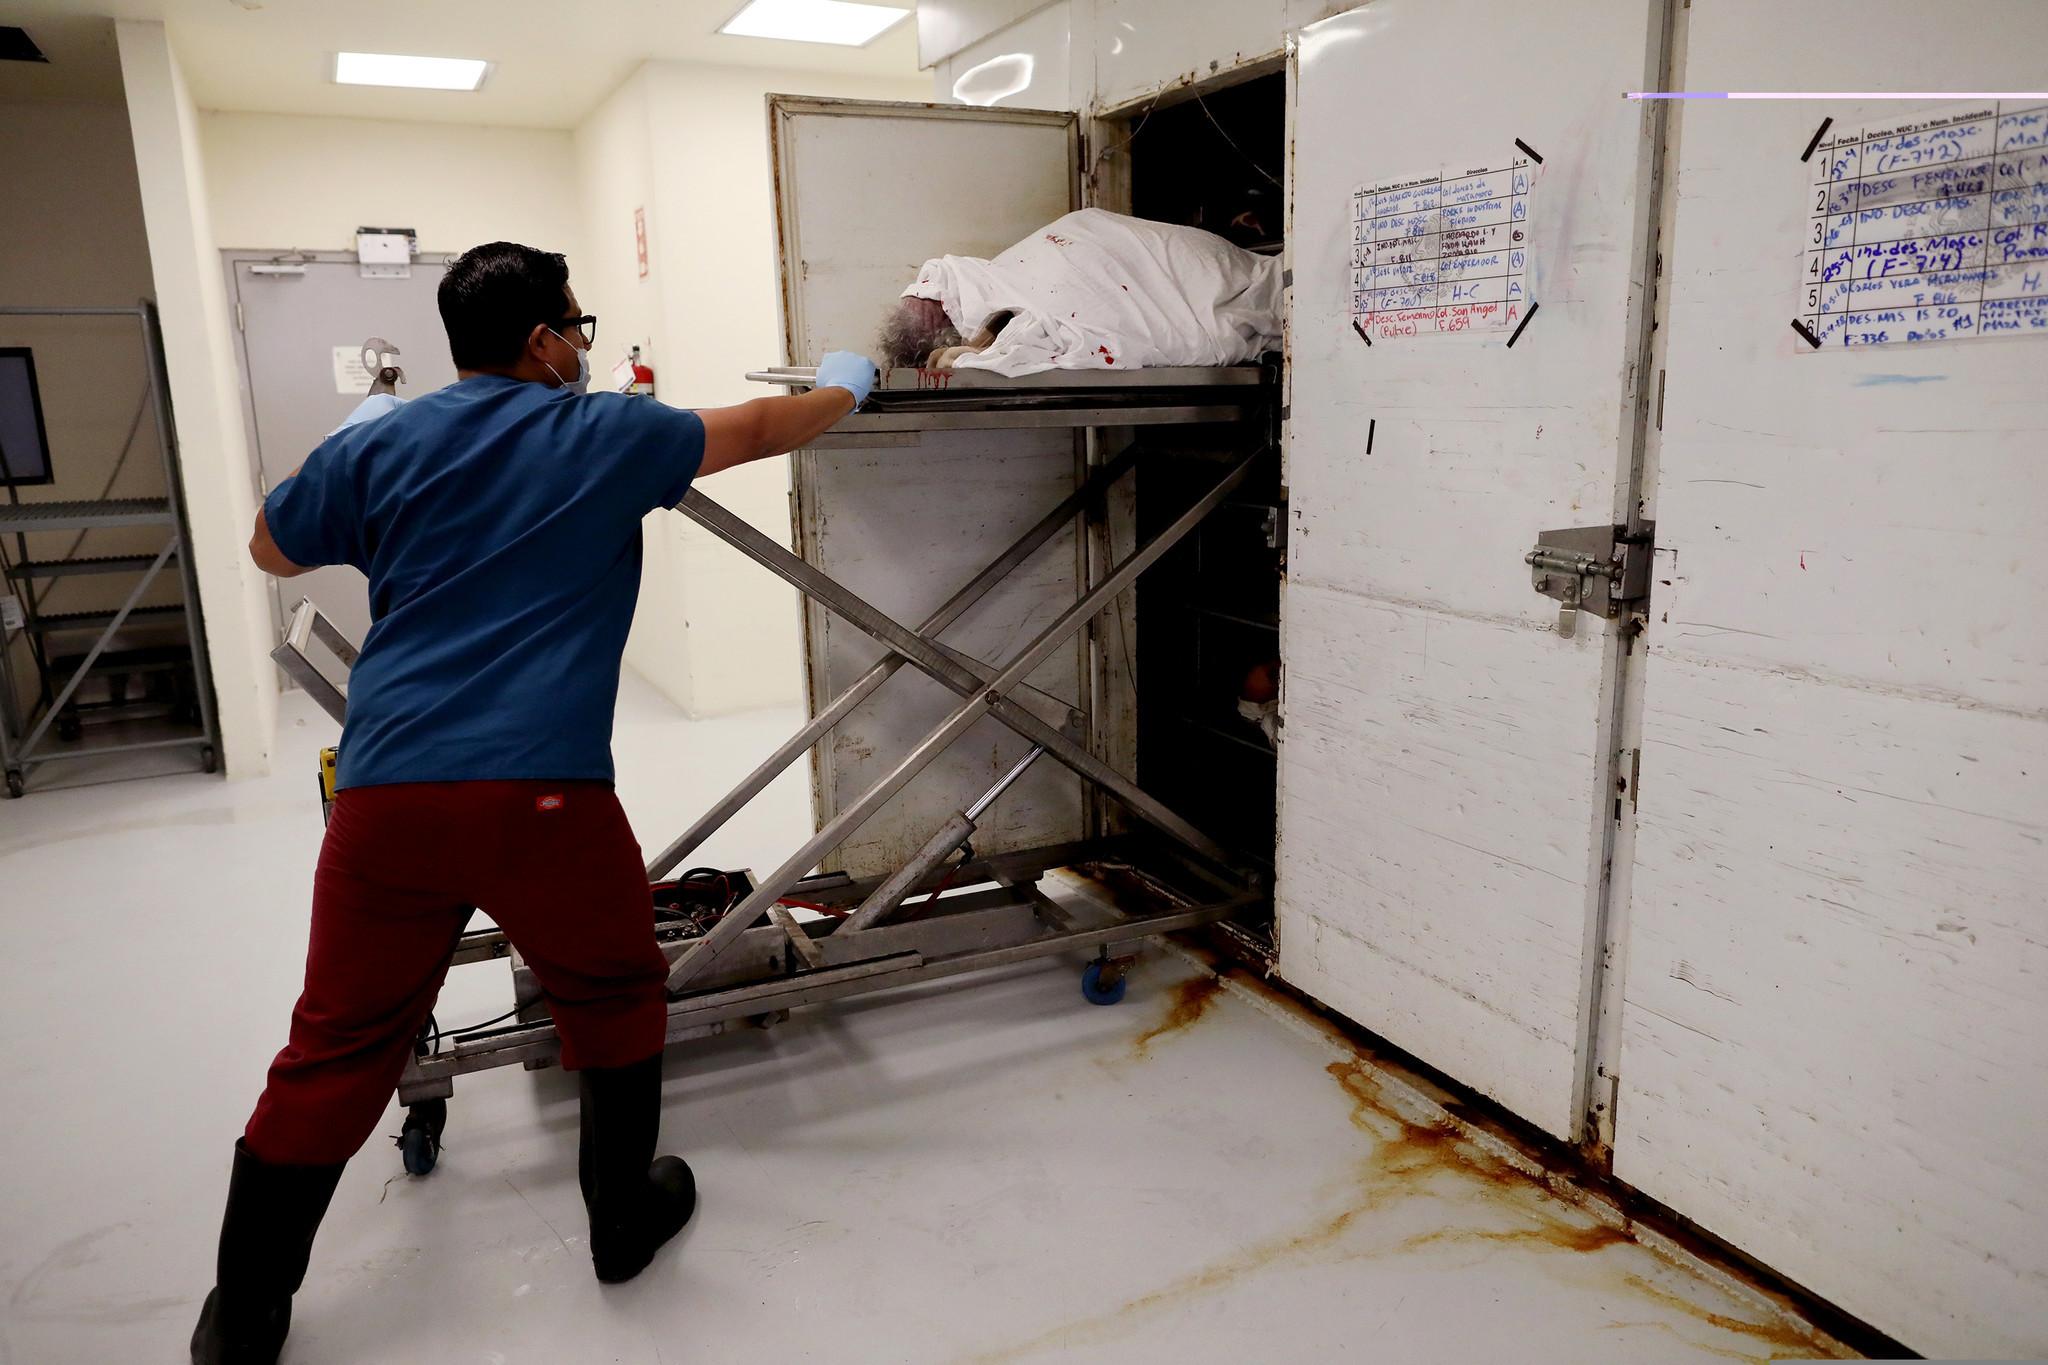 Tijuana morgue